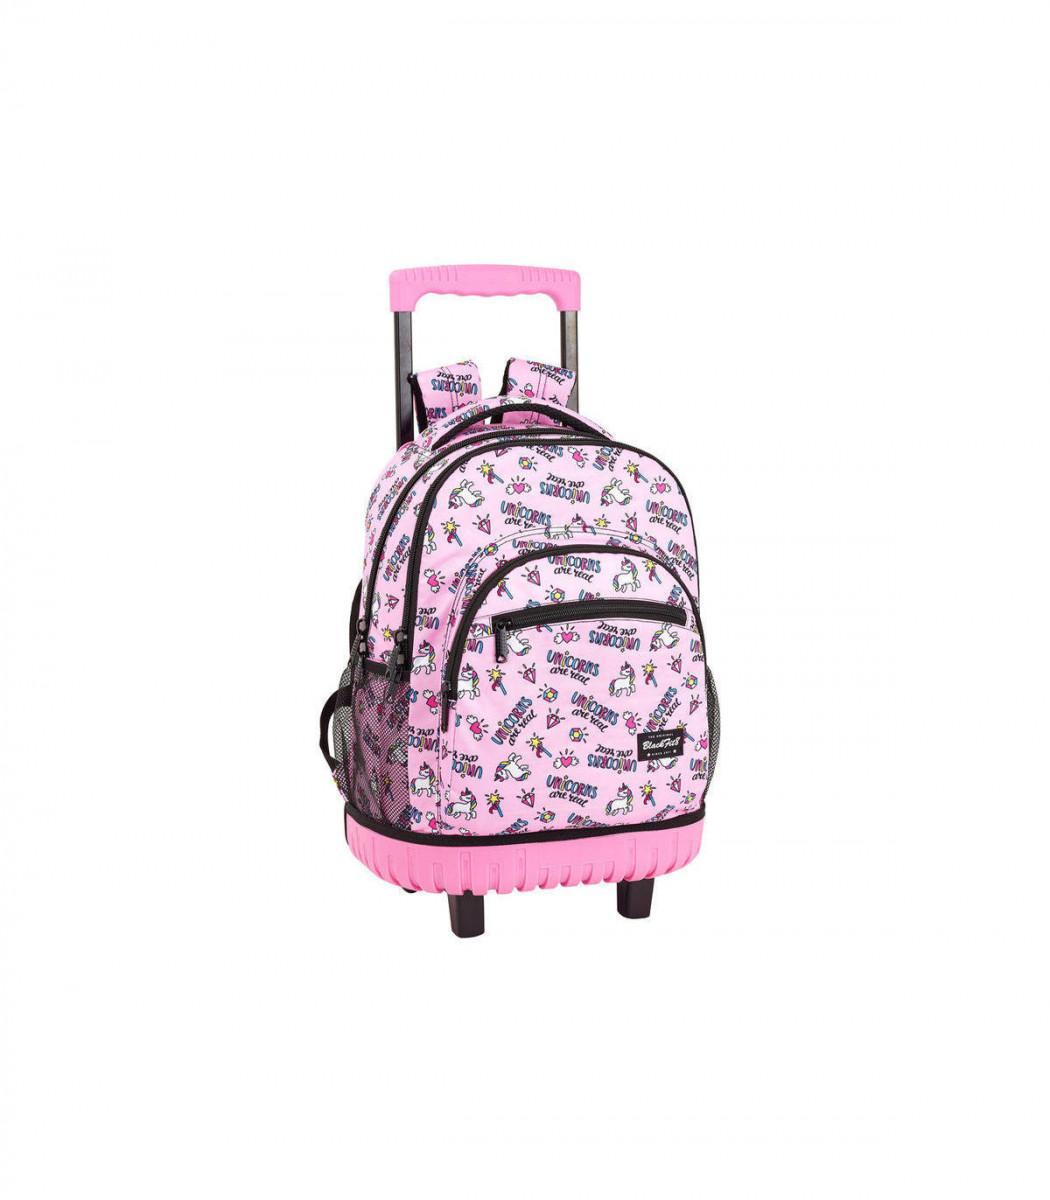 Trolley e mochilas unicornio | Facebook